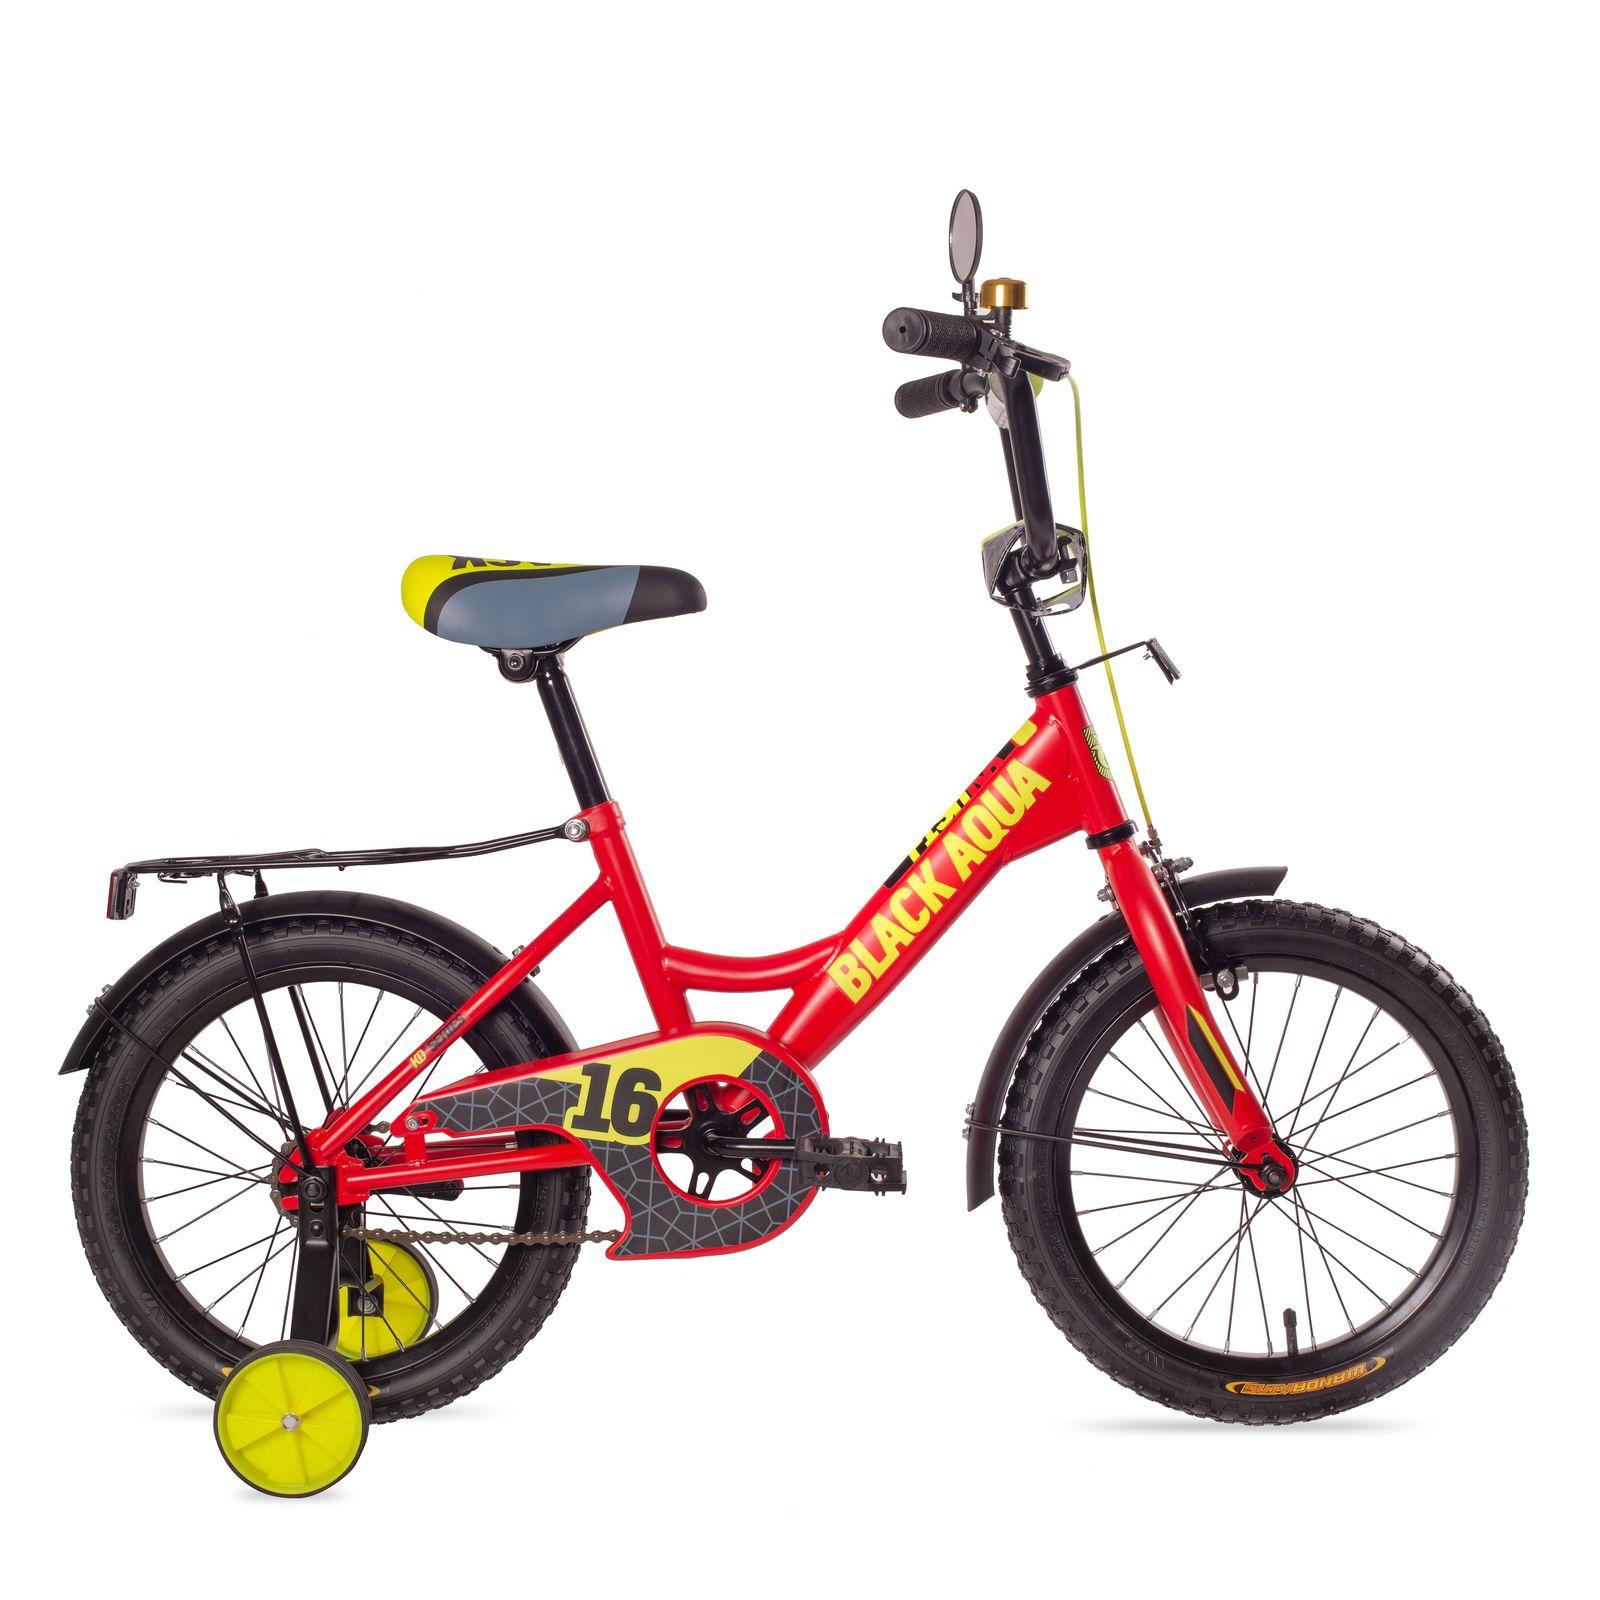 Купить Black Aqua Велосипед двухколёсный Fishka 12 с ручкой, со светящимися колесами, оранжевый неон KG1227/1, Китай